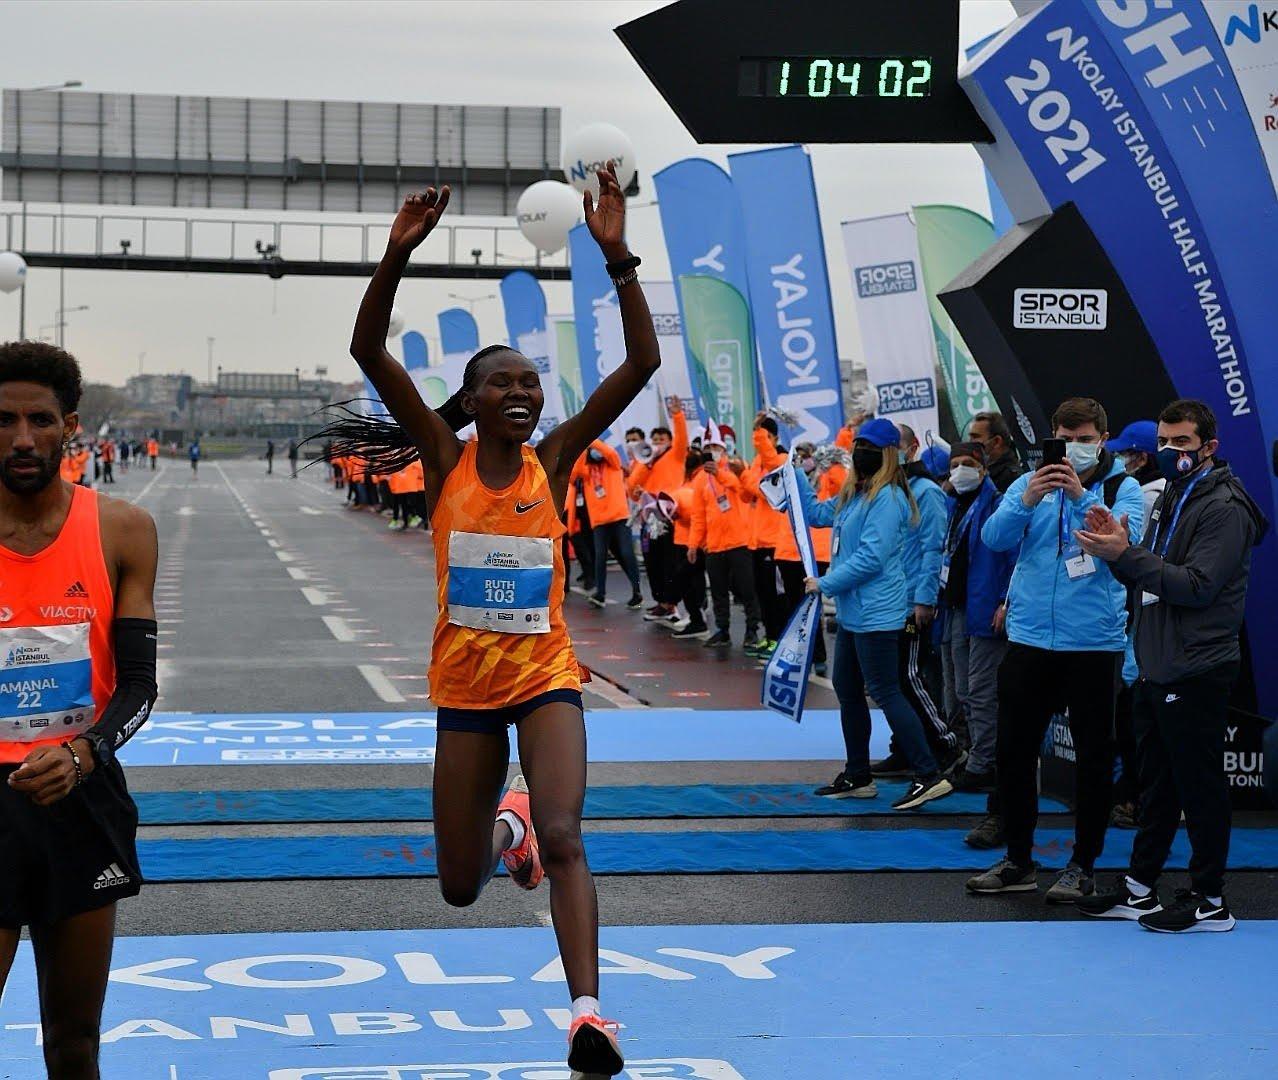 İ̇stanbul Yarı Maratonu'nda Kenyalı Atlet Ruth Chepngetich, Dünya Rekoru Kırarak Şampiyon Oldu